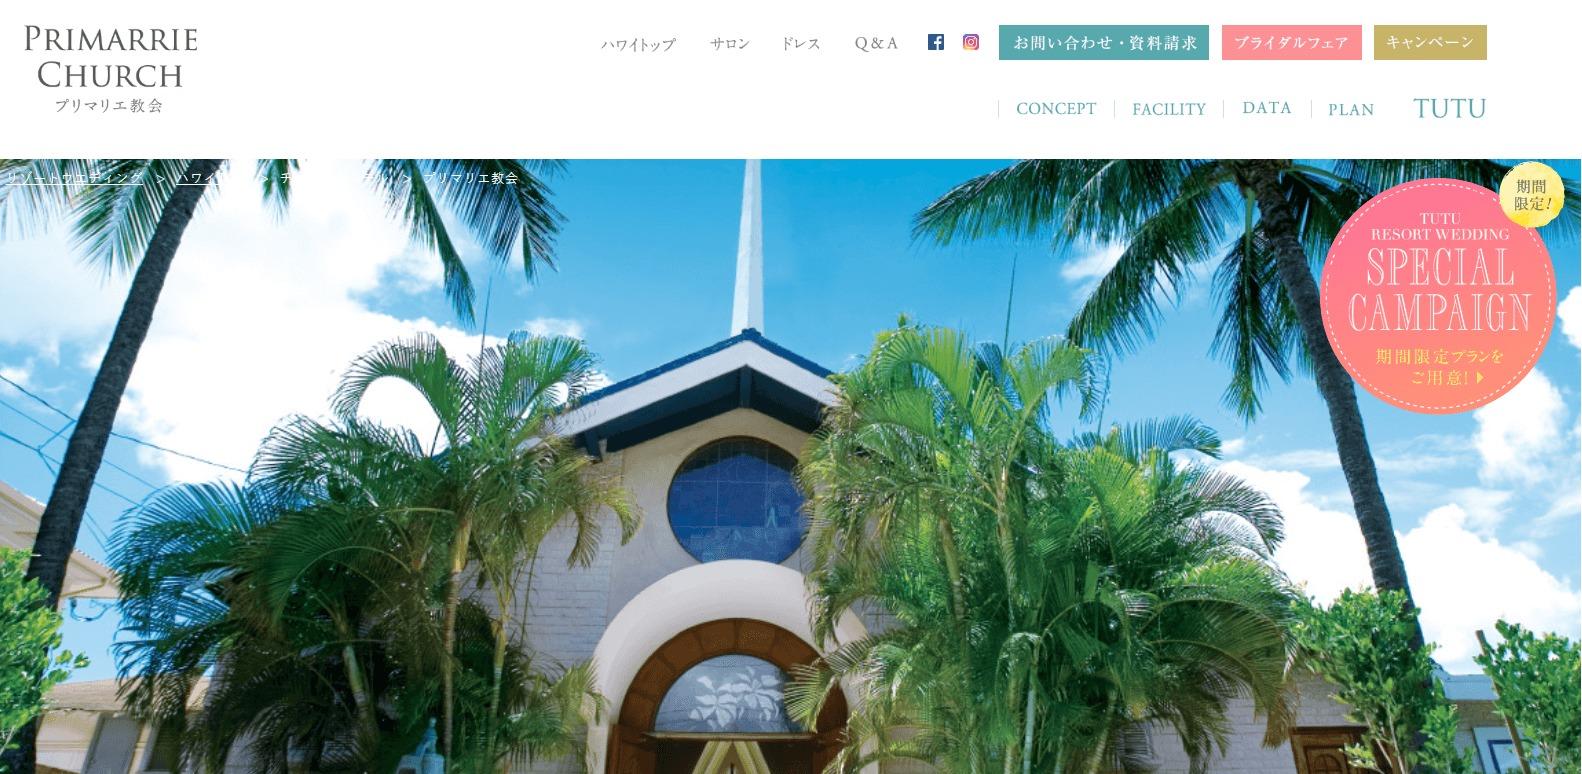 「光と花の教会」と呼ばれる純白なプリマリエ教会